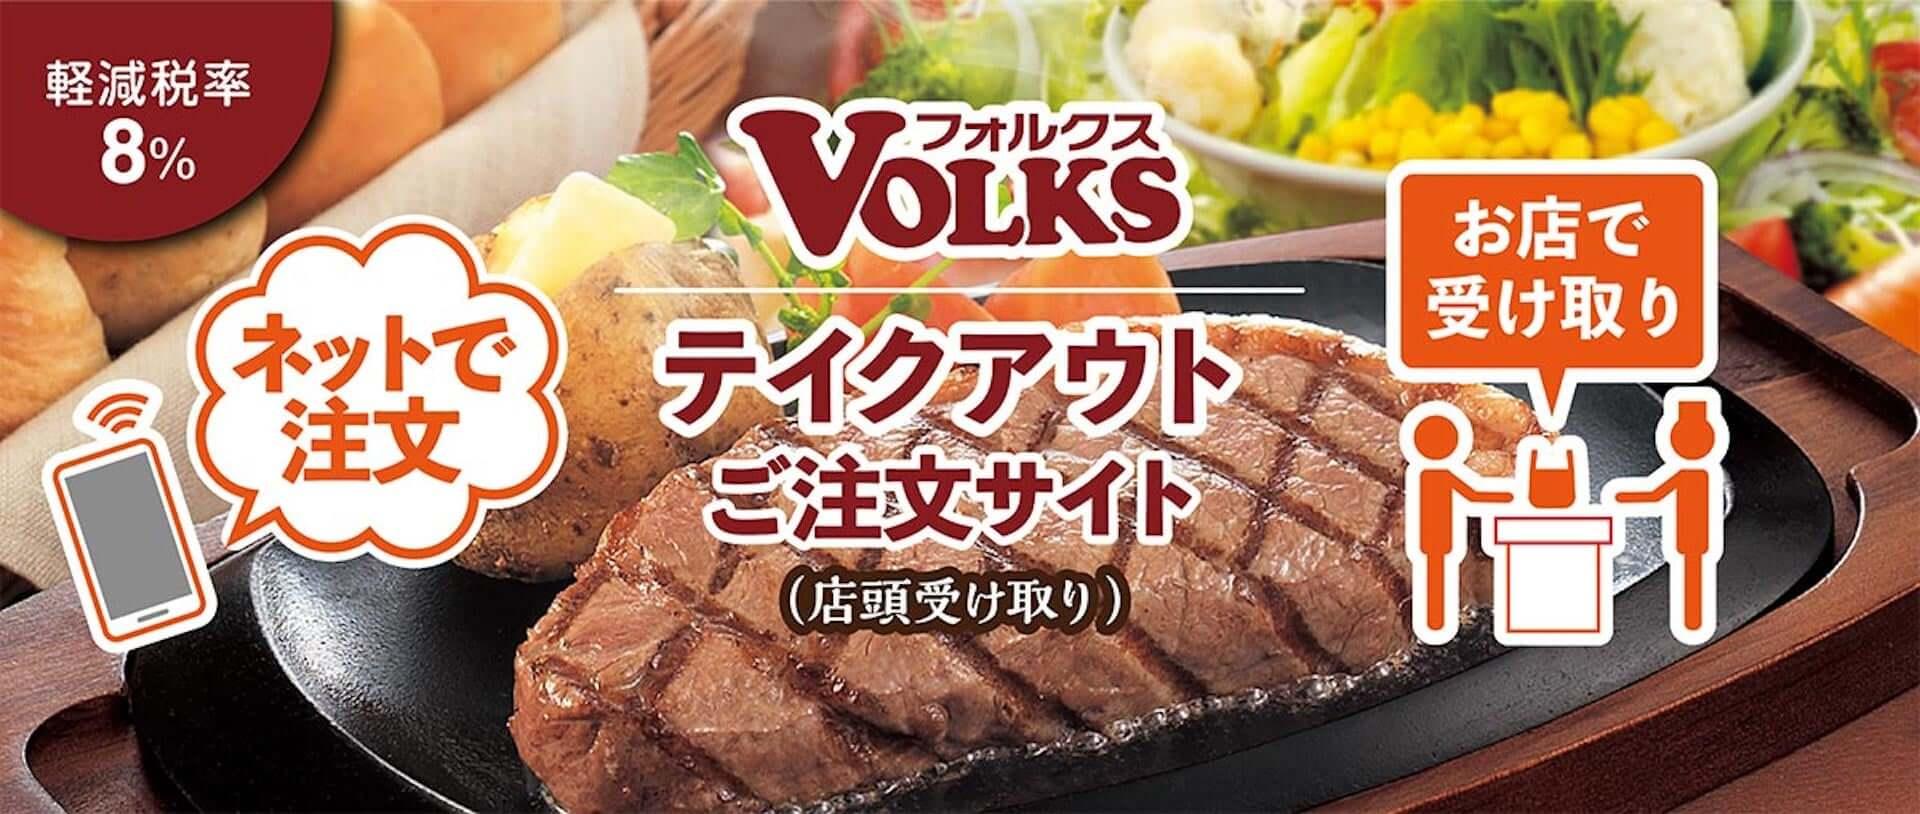 おうちでステーキ!フォルクスのテイクアウトメニューが大幅に拡大|Web注文で店舗受取&時間指定も可能に gourmet200525_steak_takeout_2-1920x814